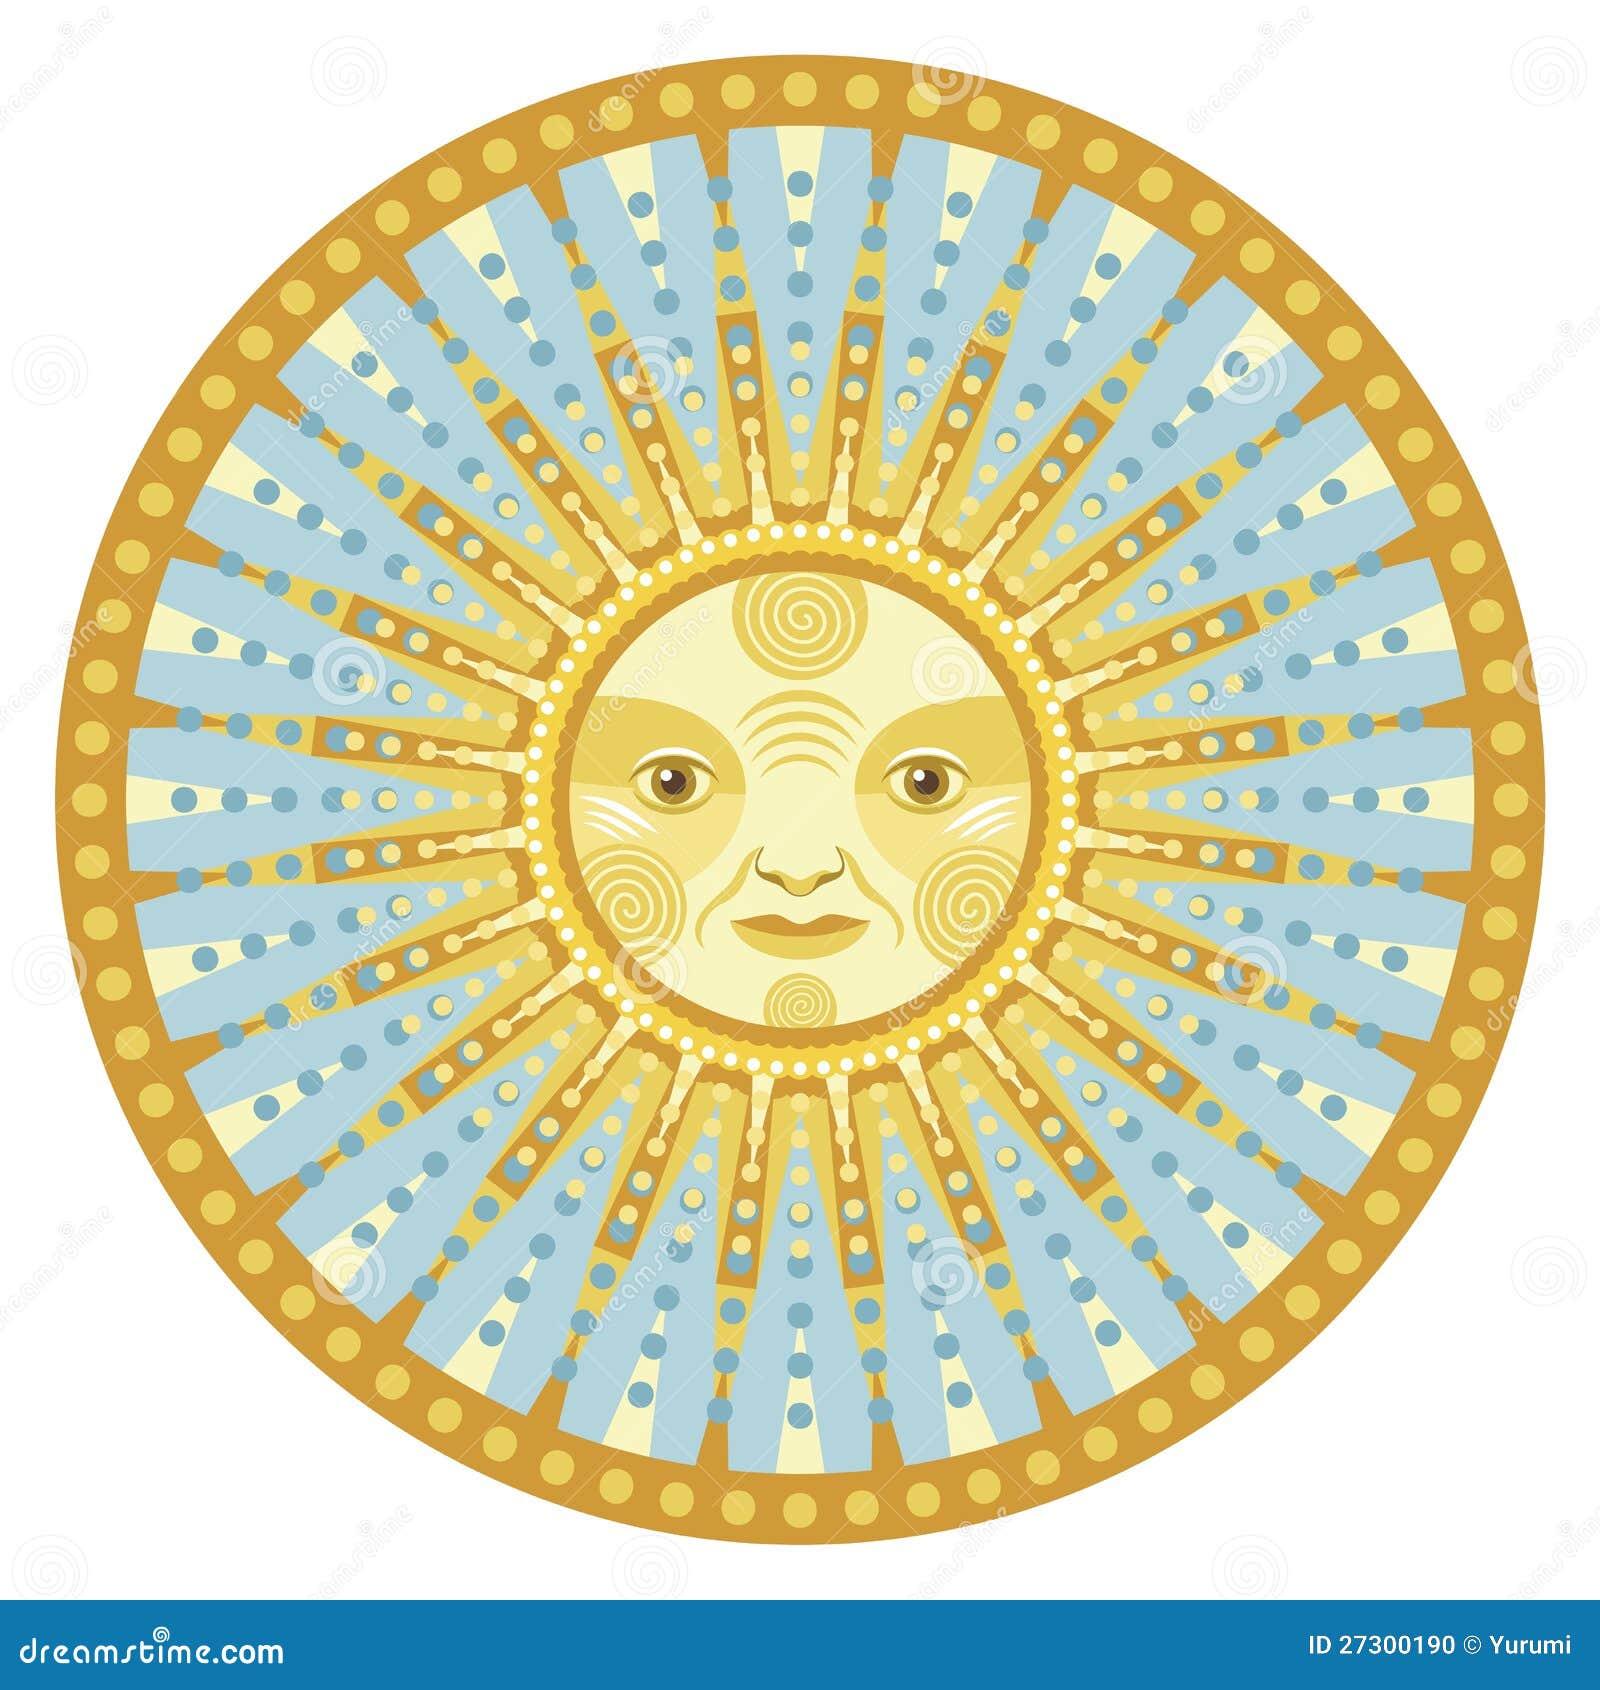 Mandala di luce del giorno illustrazione vettoriale for Case del seminterrato di luce del giorno